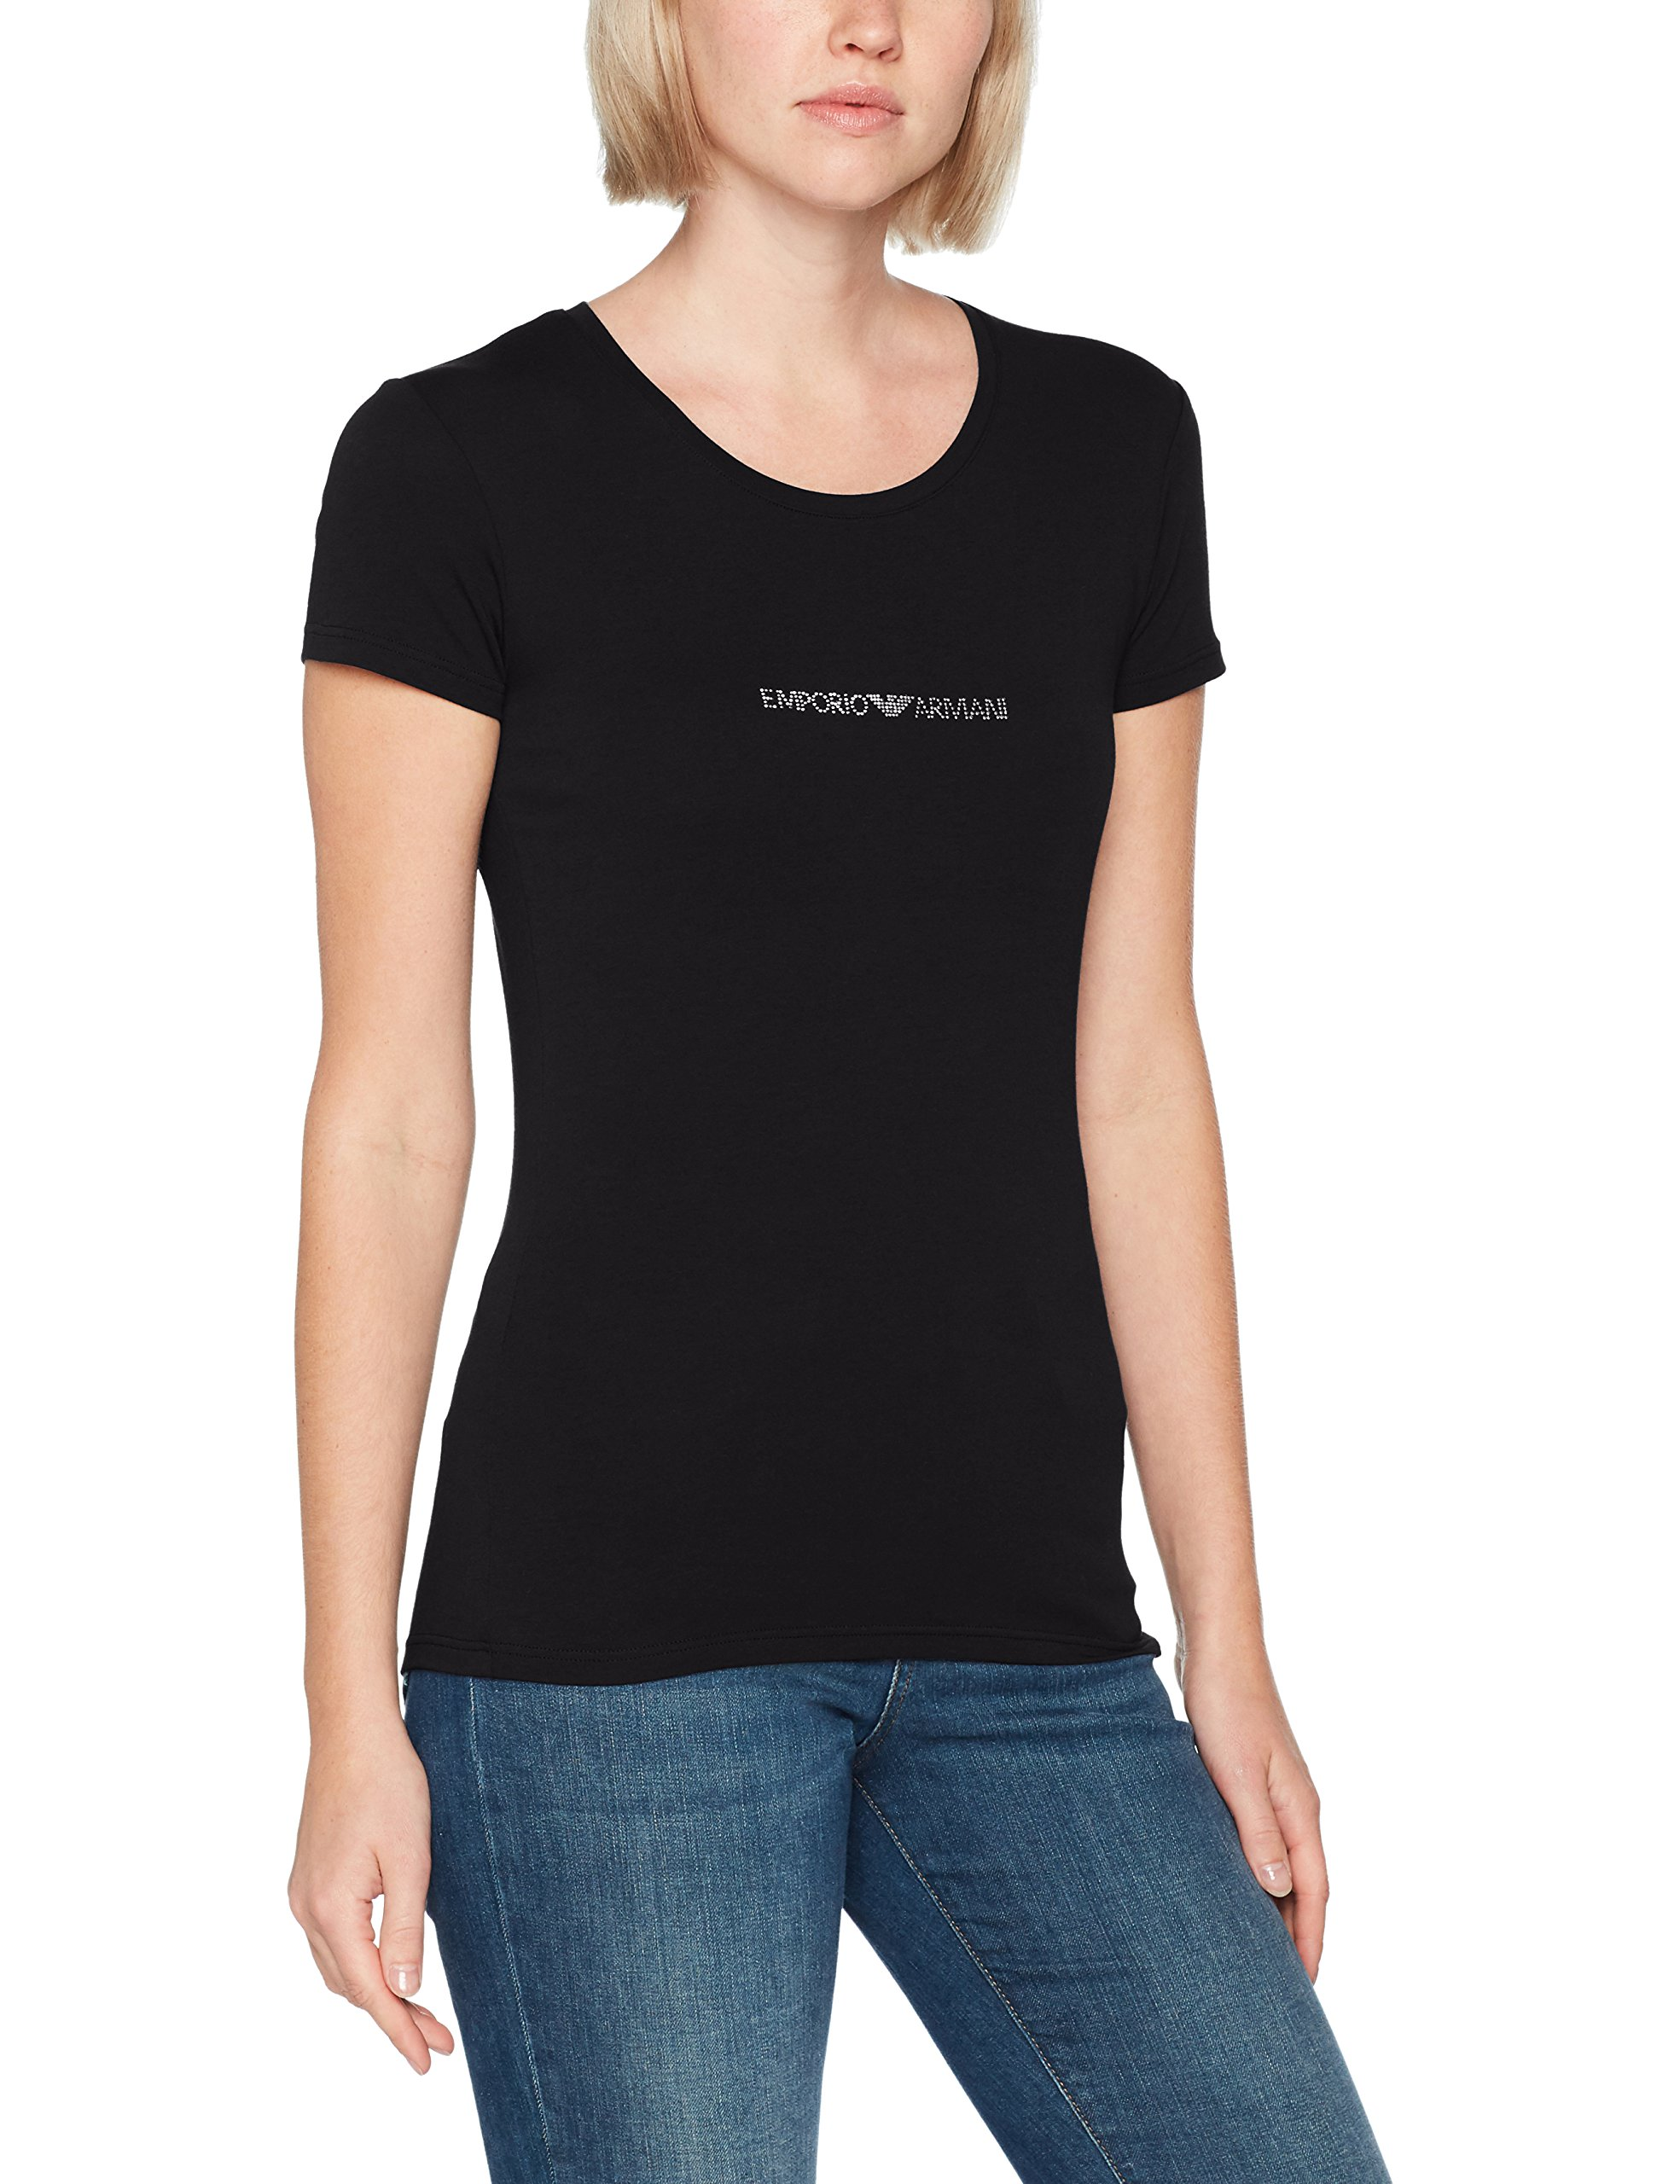 Emporio Armani 女式 t 恤